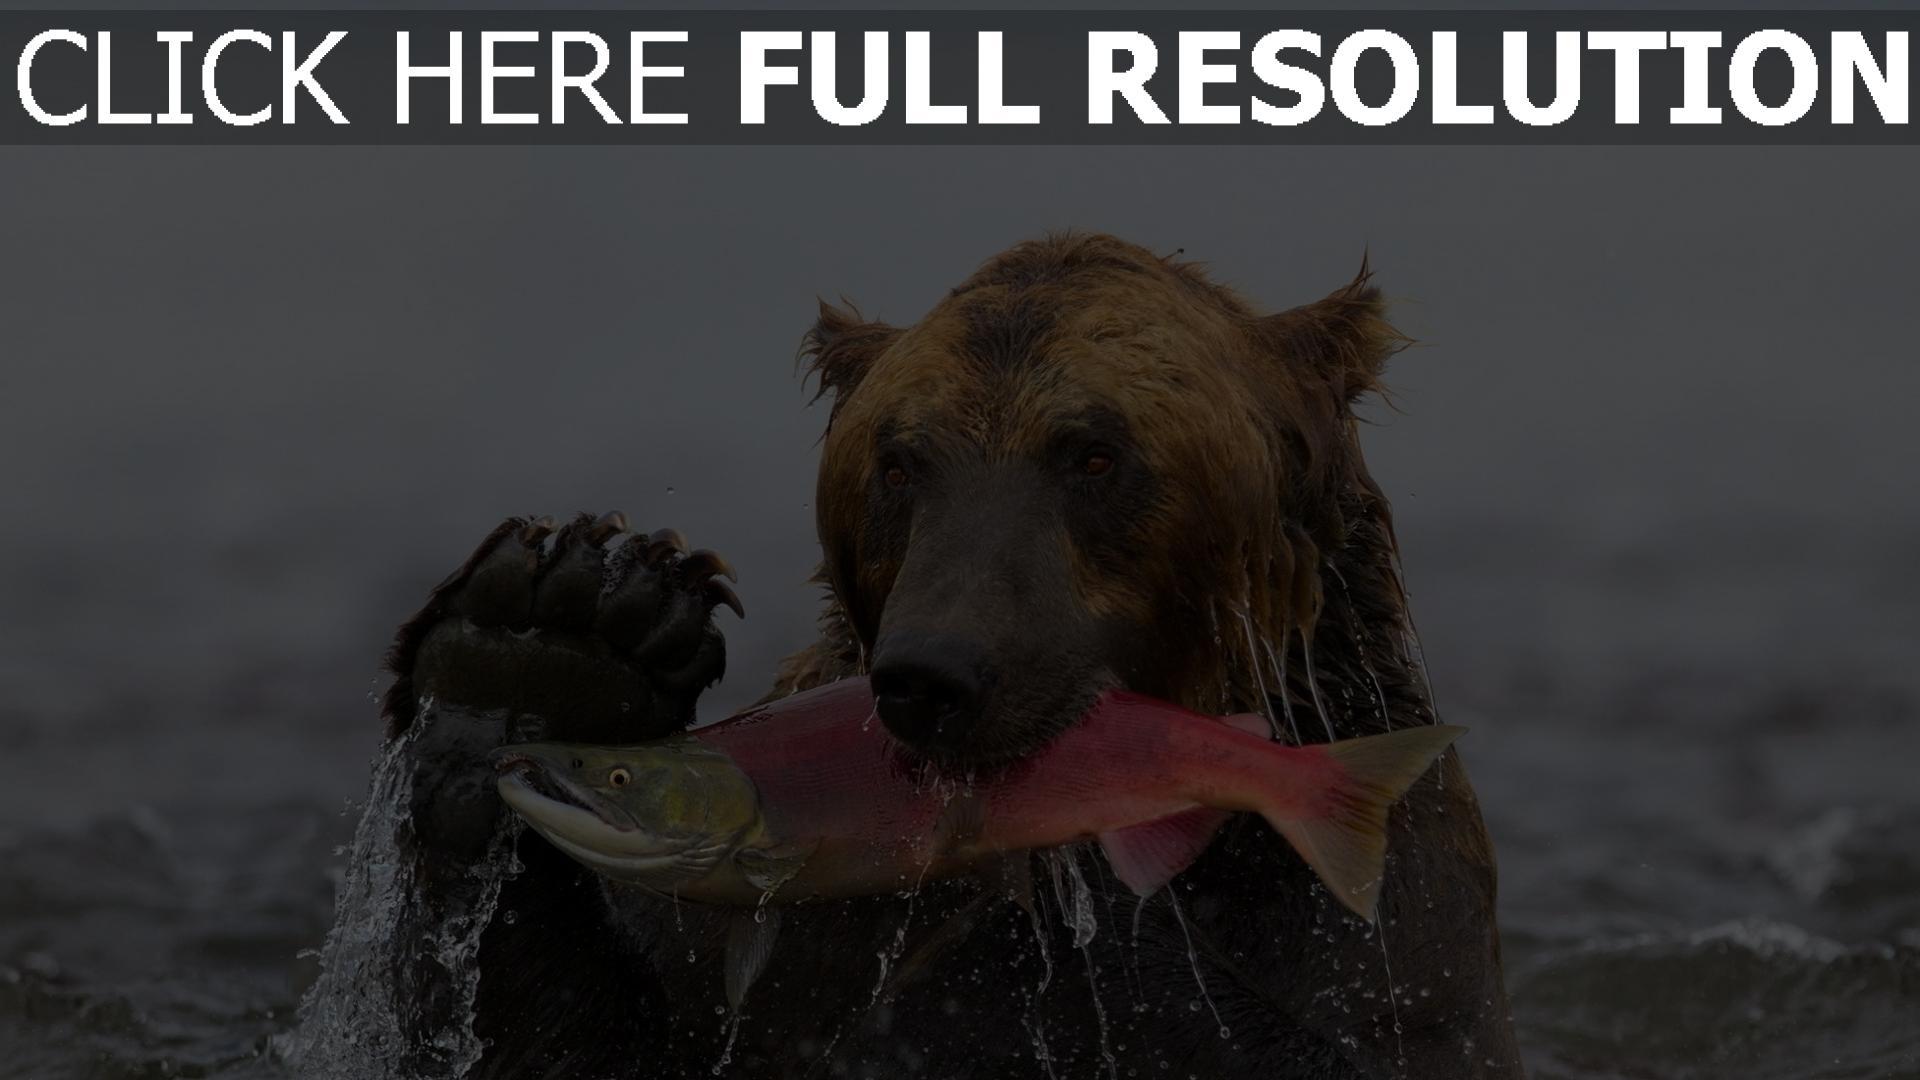 fond d'écran 1920x1080 ours humide pêche poisson